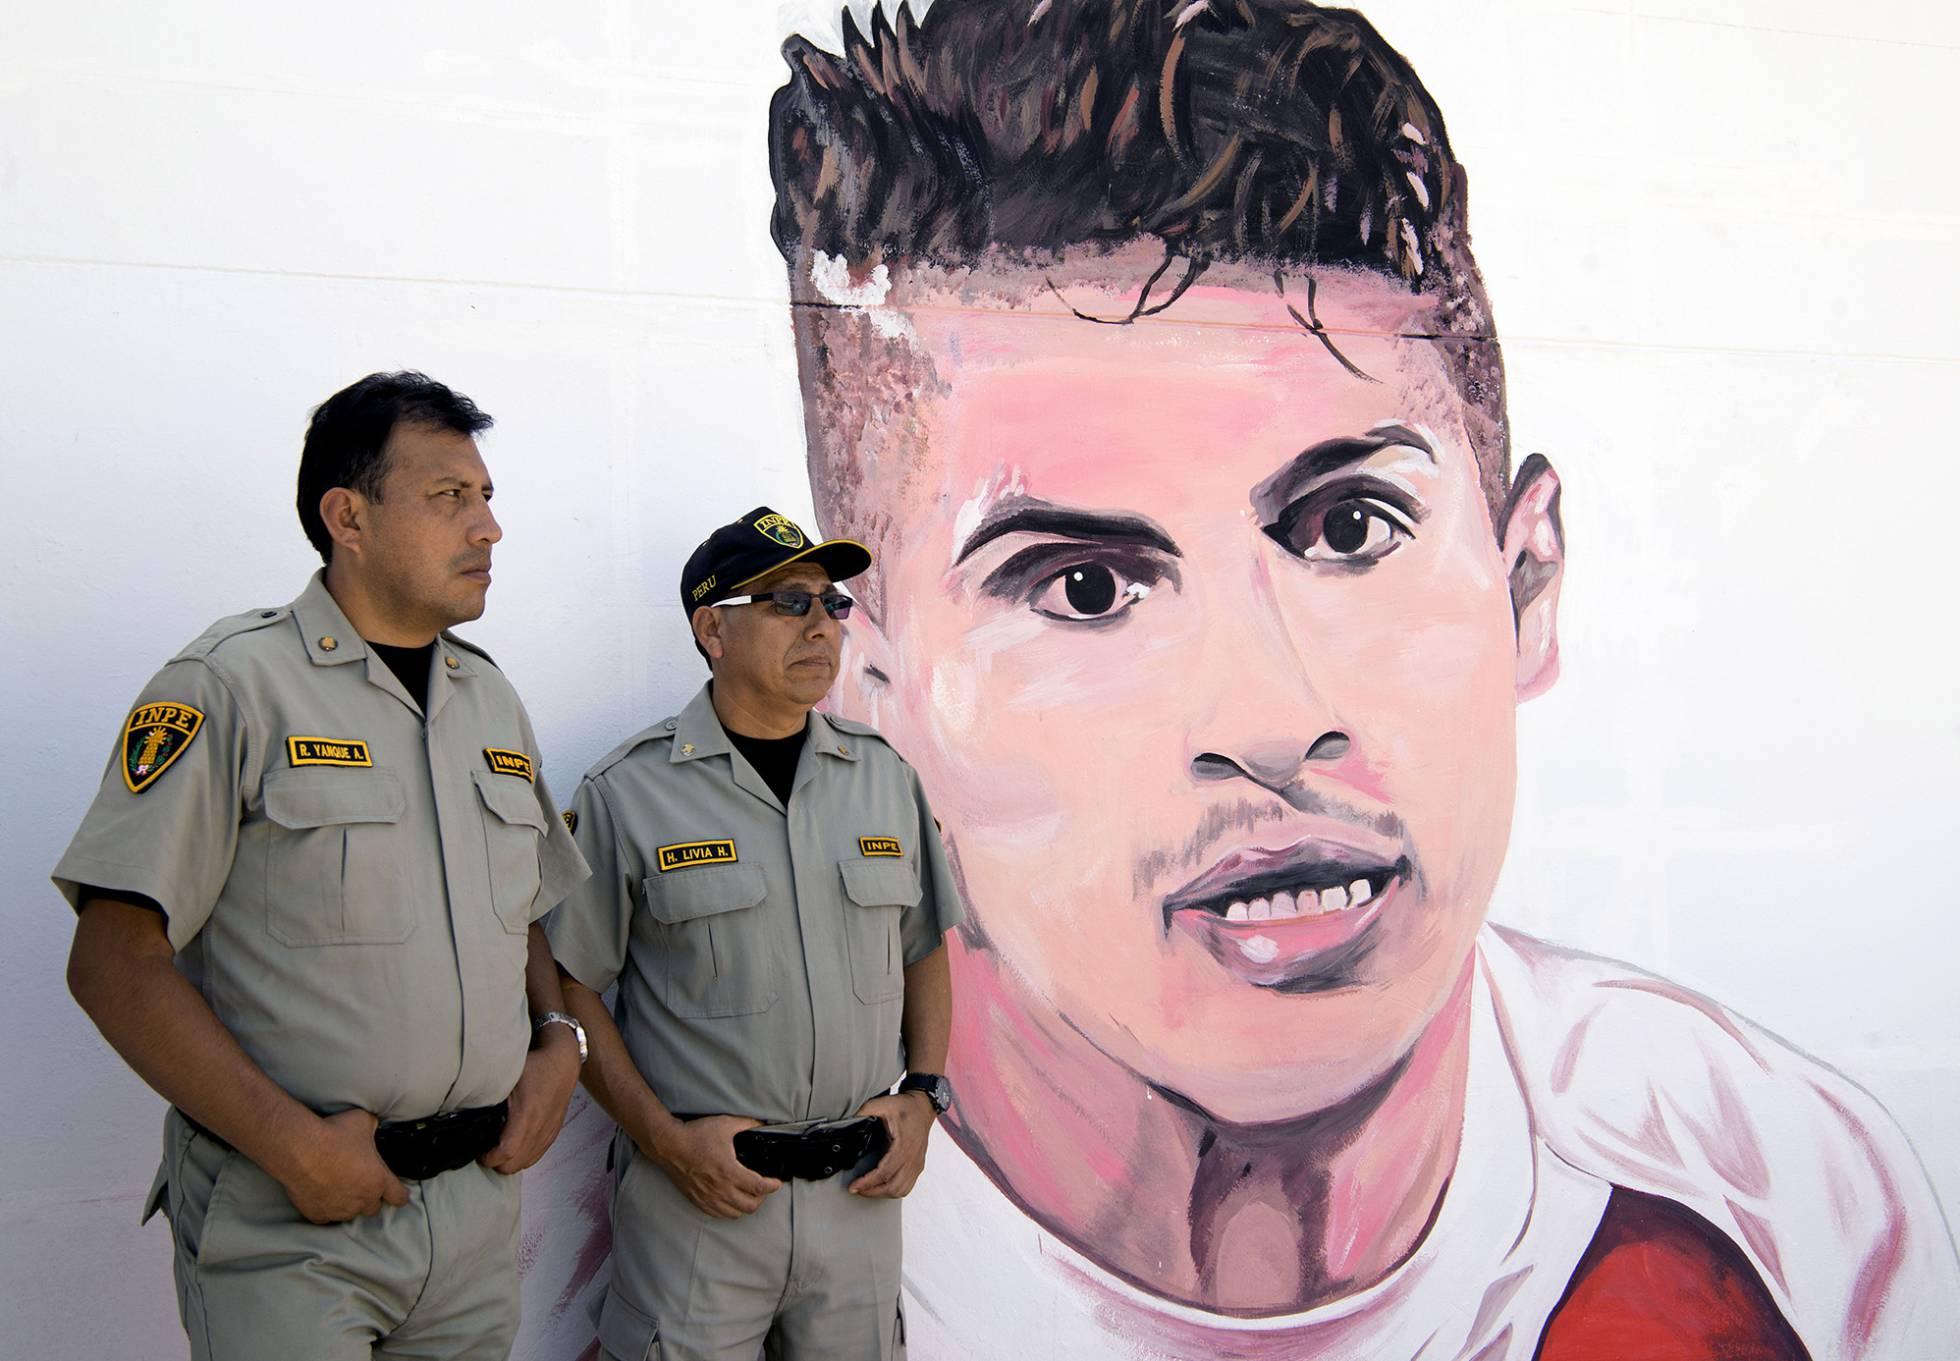 Dos policías delante de un grafiti con el rostro del futbolista Paolo Guerrero, una de las estrellas de la selección de Perú. CRIS BOURONCLE